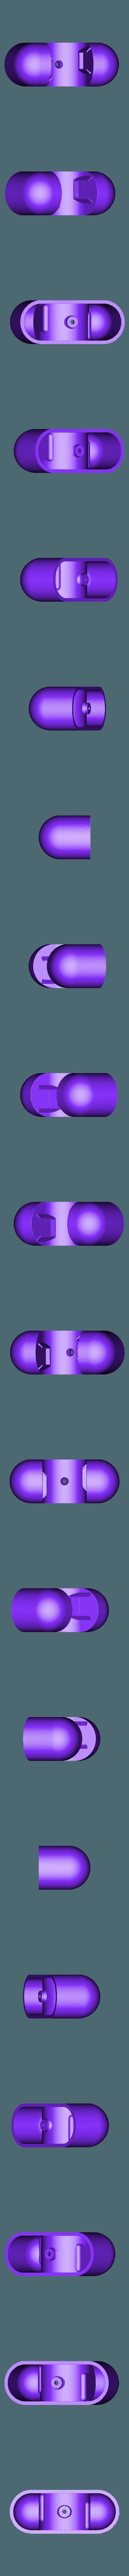 broom_hanger_base.stl Télécharger fichier STL gratuit cintre à balais • Design pour impression 3D, Punisher_4u